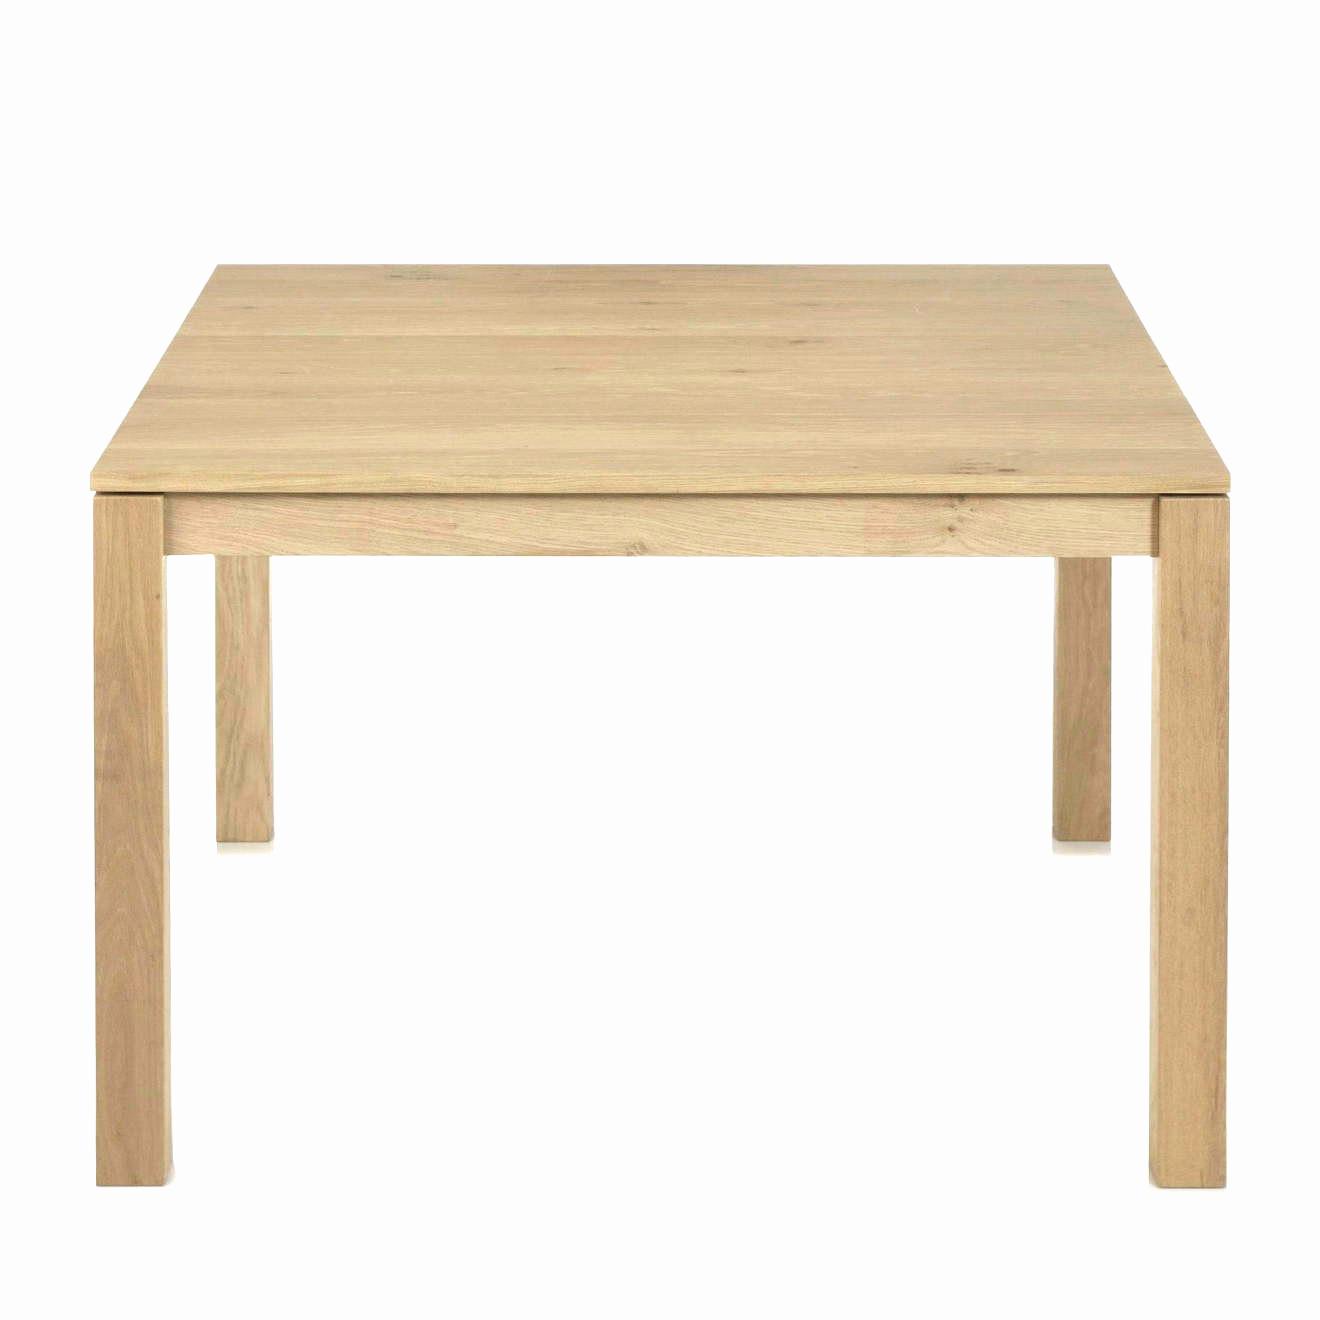 le bon coin jardinage 28 inspire meubles de jardin en bois meuble de jardin deco paysage 0d beau de of le bon coin jardinage 28